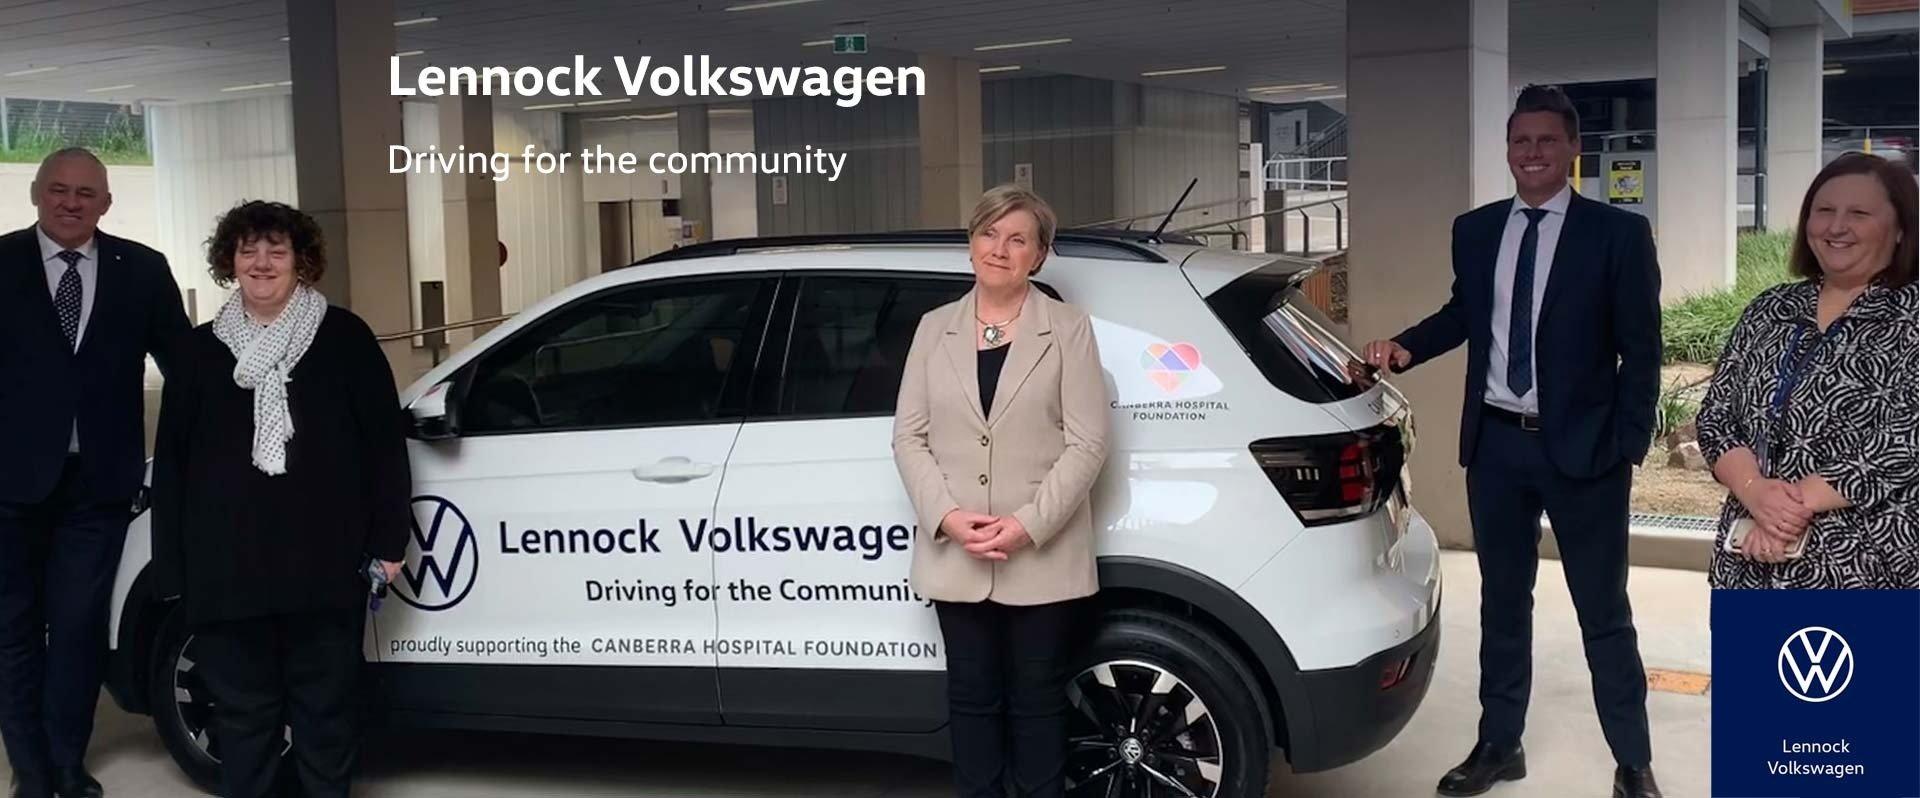 Lennock Volkswagen Driving For The Community